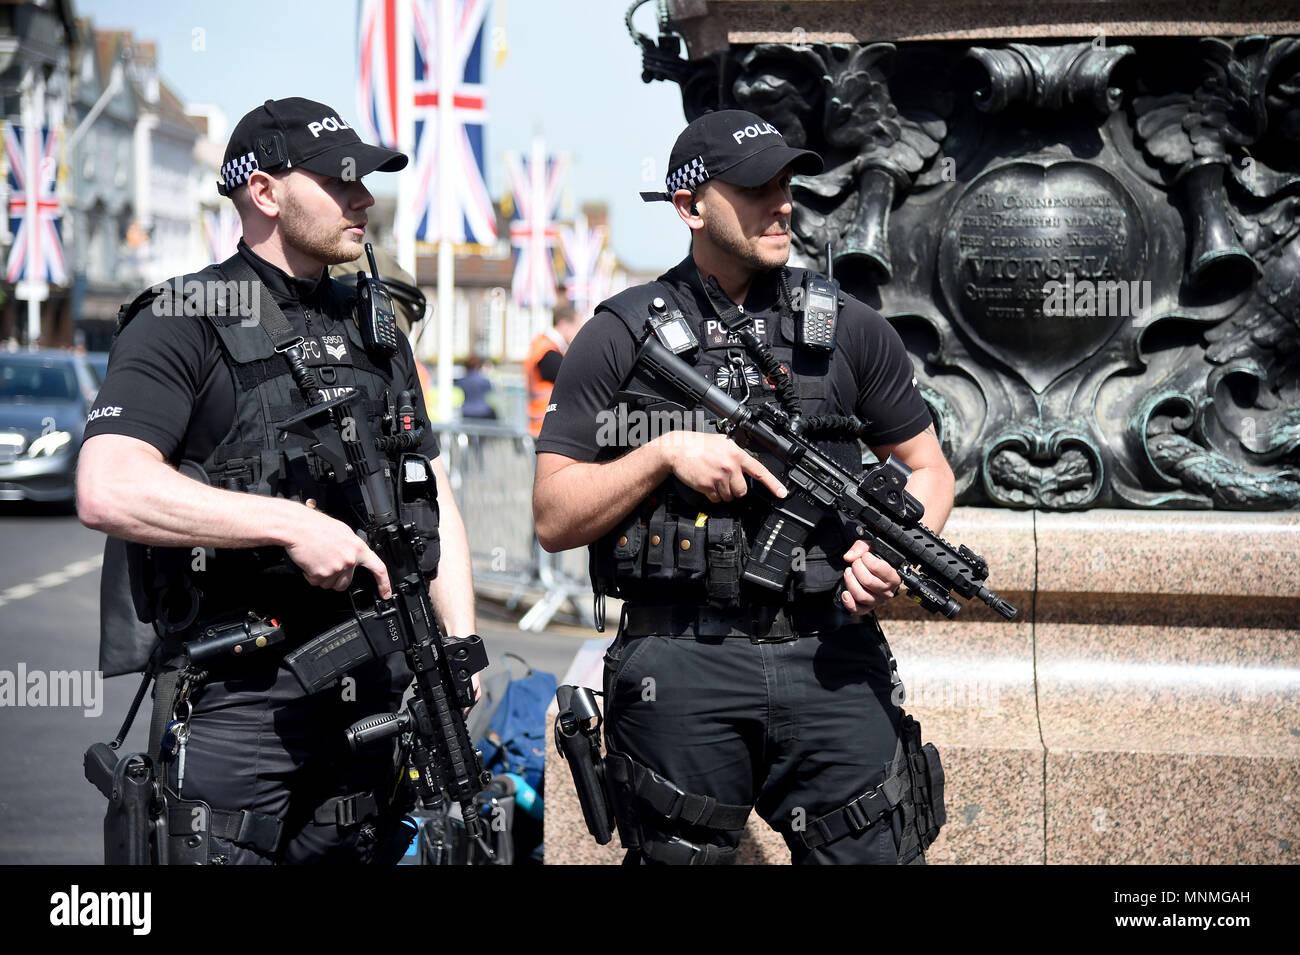 La policía armada fuera del castillo de Windsor. Crédito: Finnbarr Webster/Alamy Live News Imagen De Stock